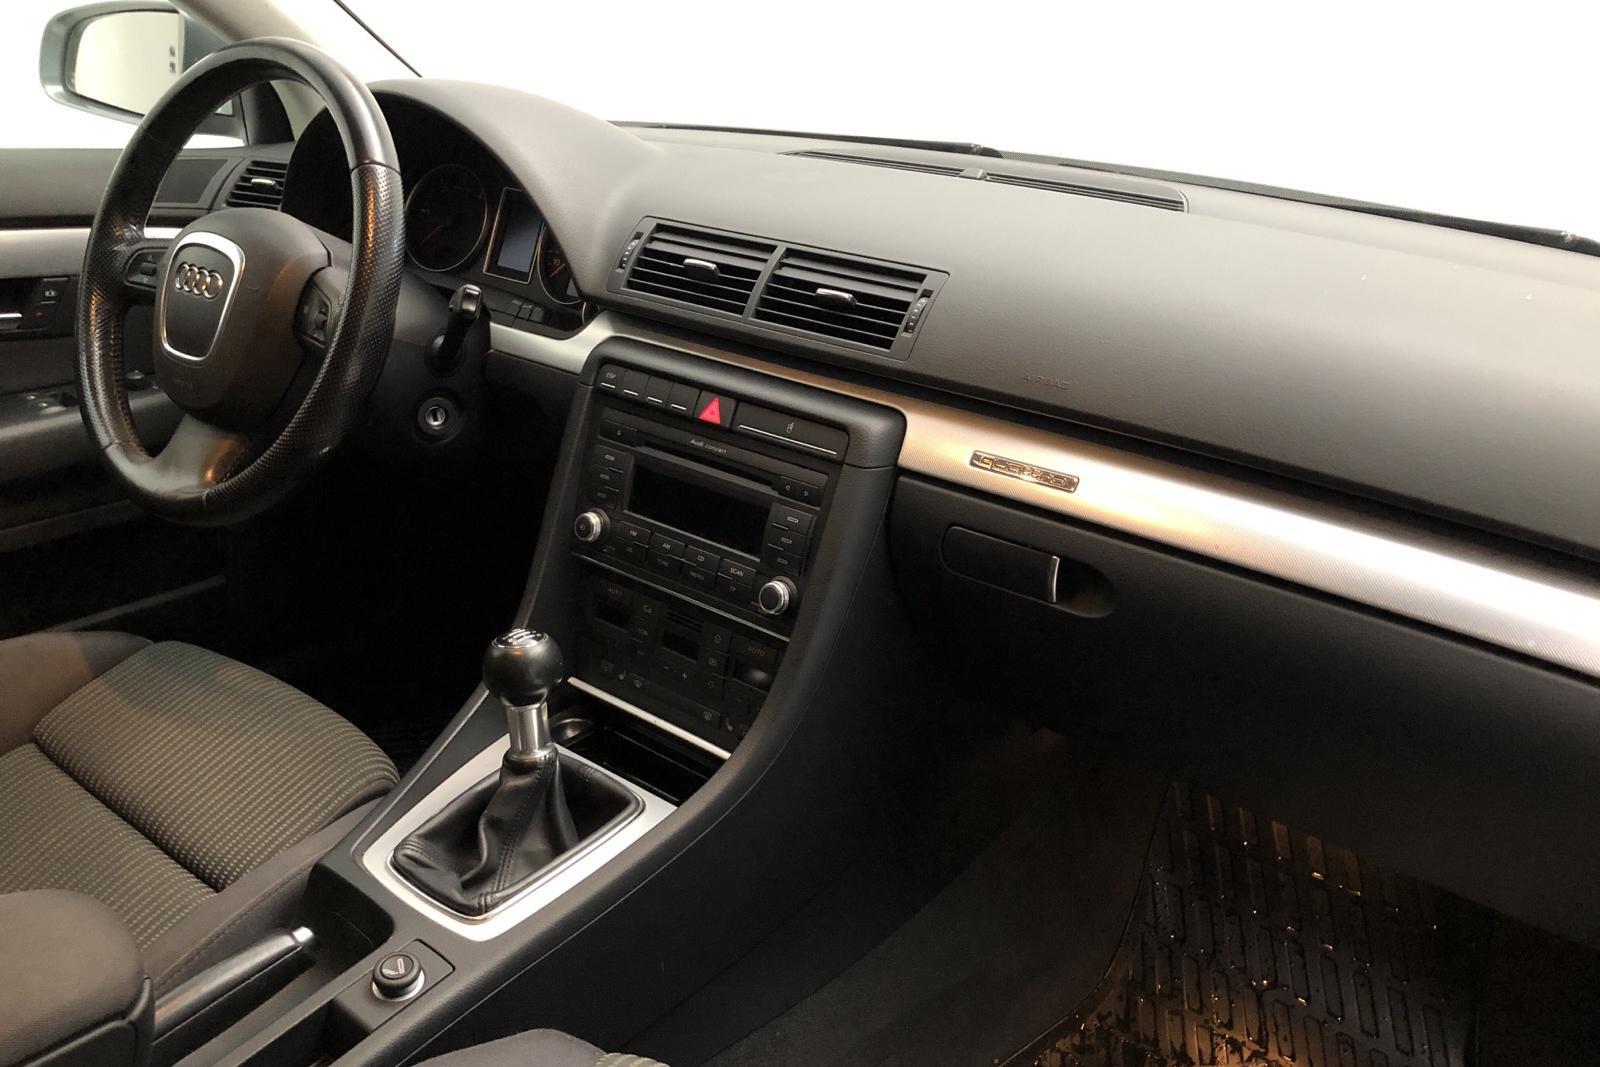 Audi A4 2.0 TDI Avant quattro (140hk) - 25 600 mil - Manuell - Dark Grey - 2008